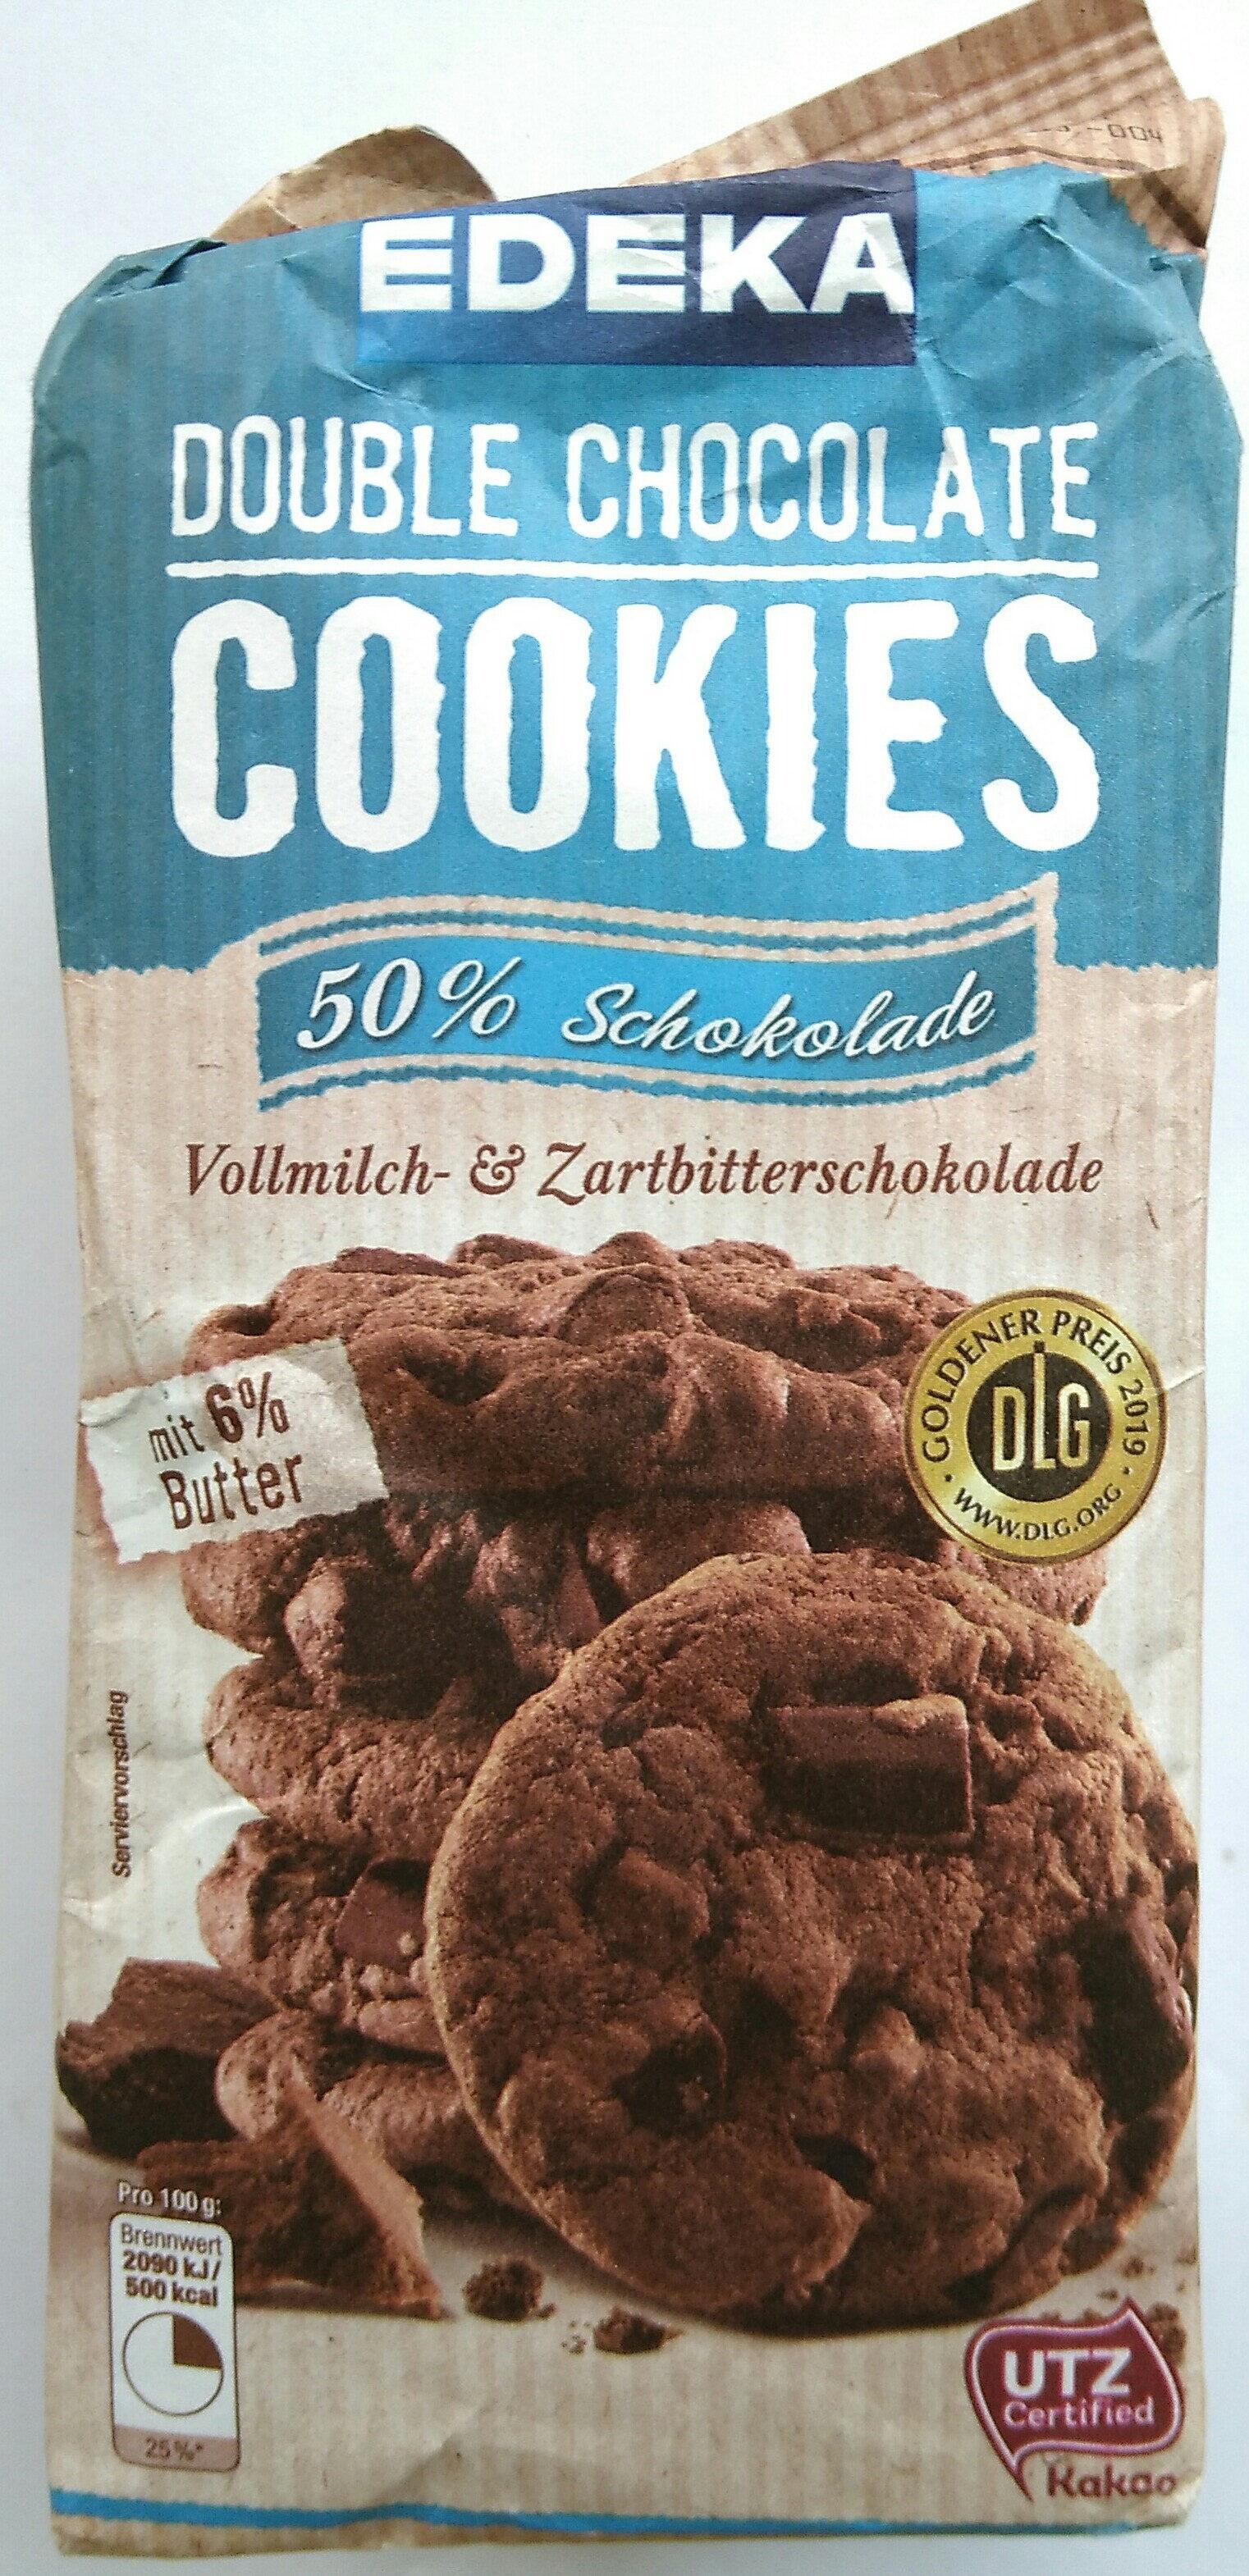 Double Chocolate Cookies - Produkt - de